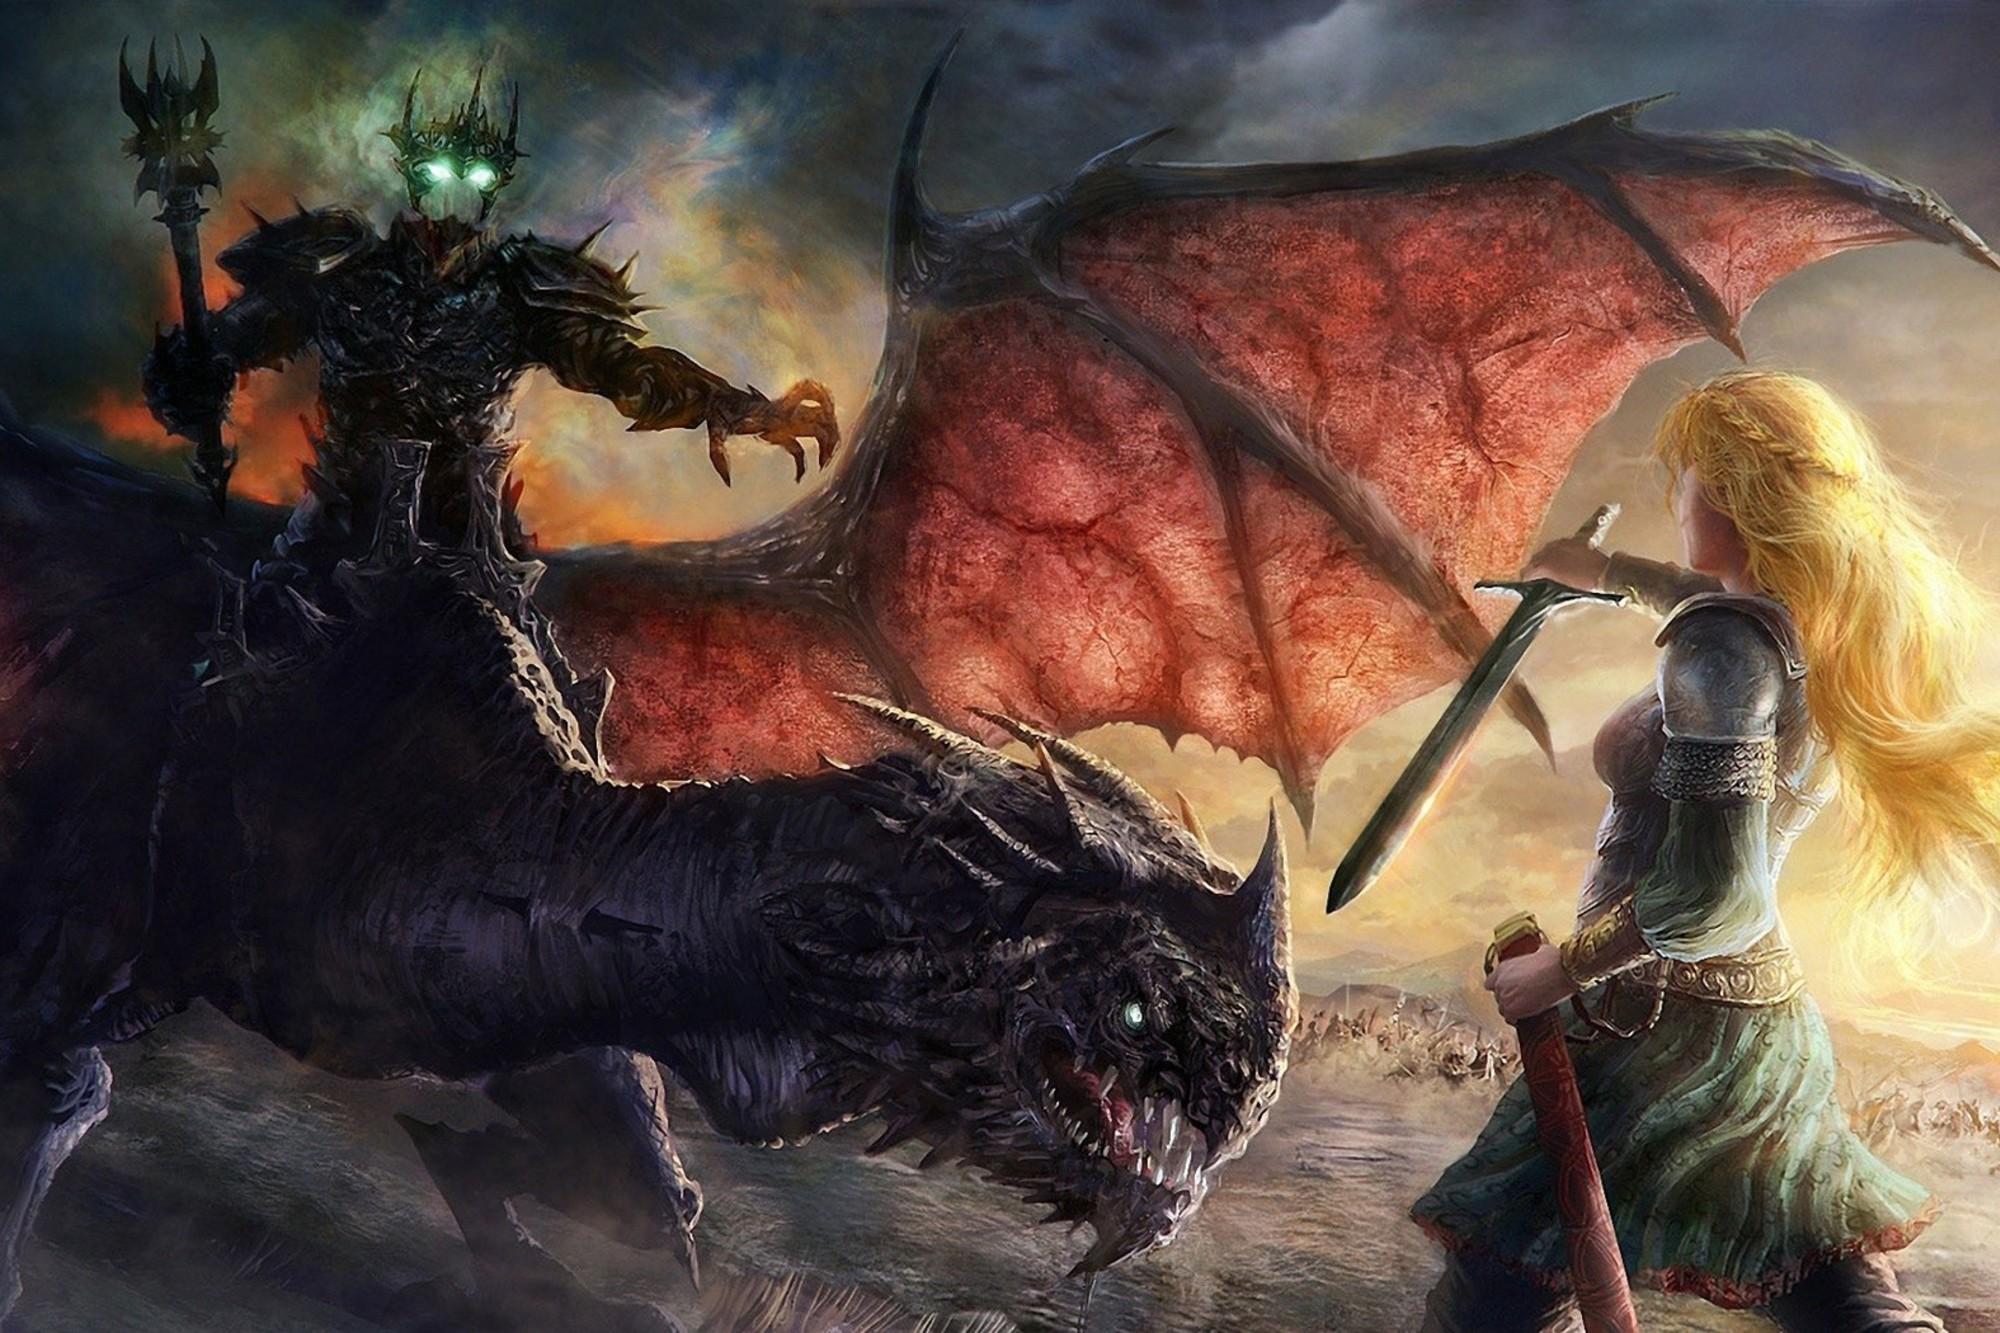 него всего рисунки фото дракона с мечом мебель вносит